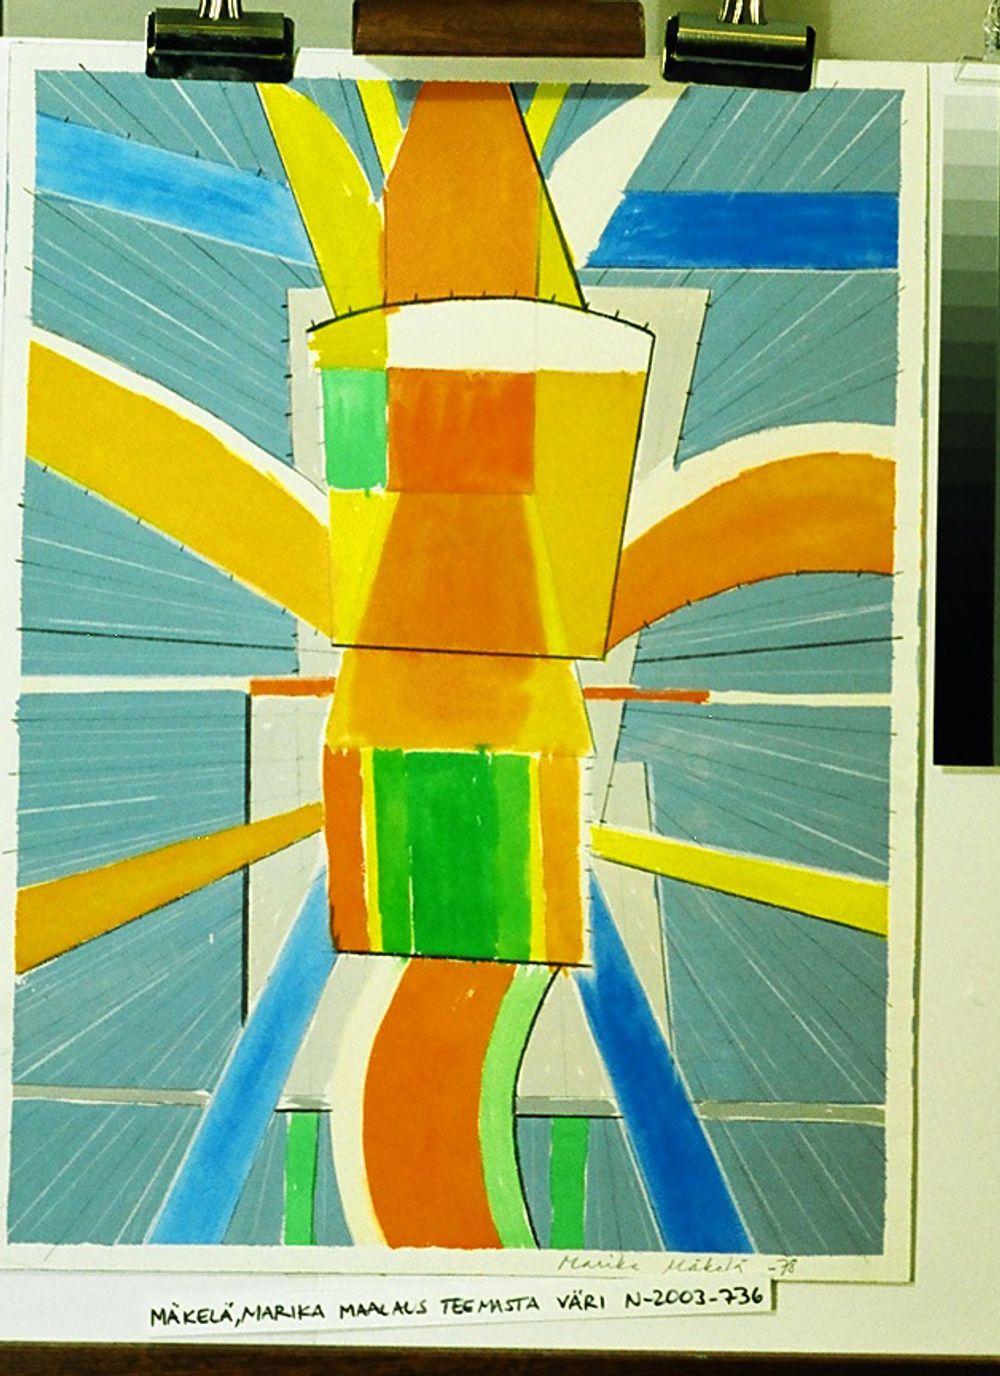 Maalaus teemasta väri